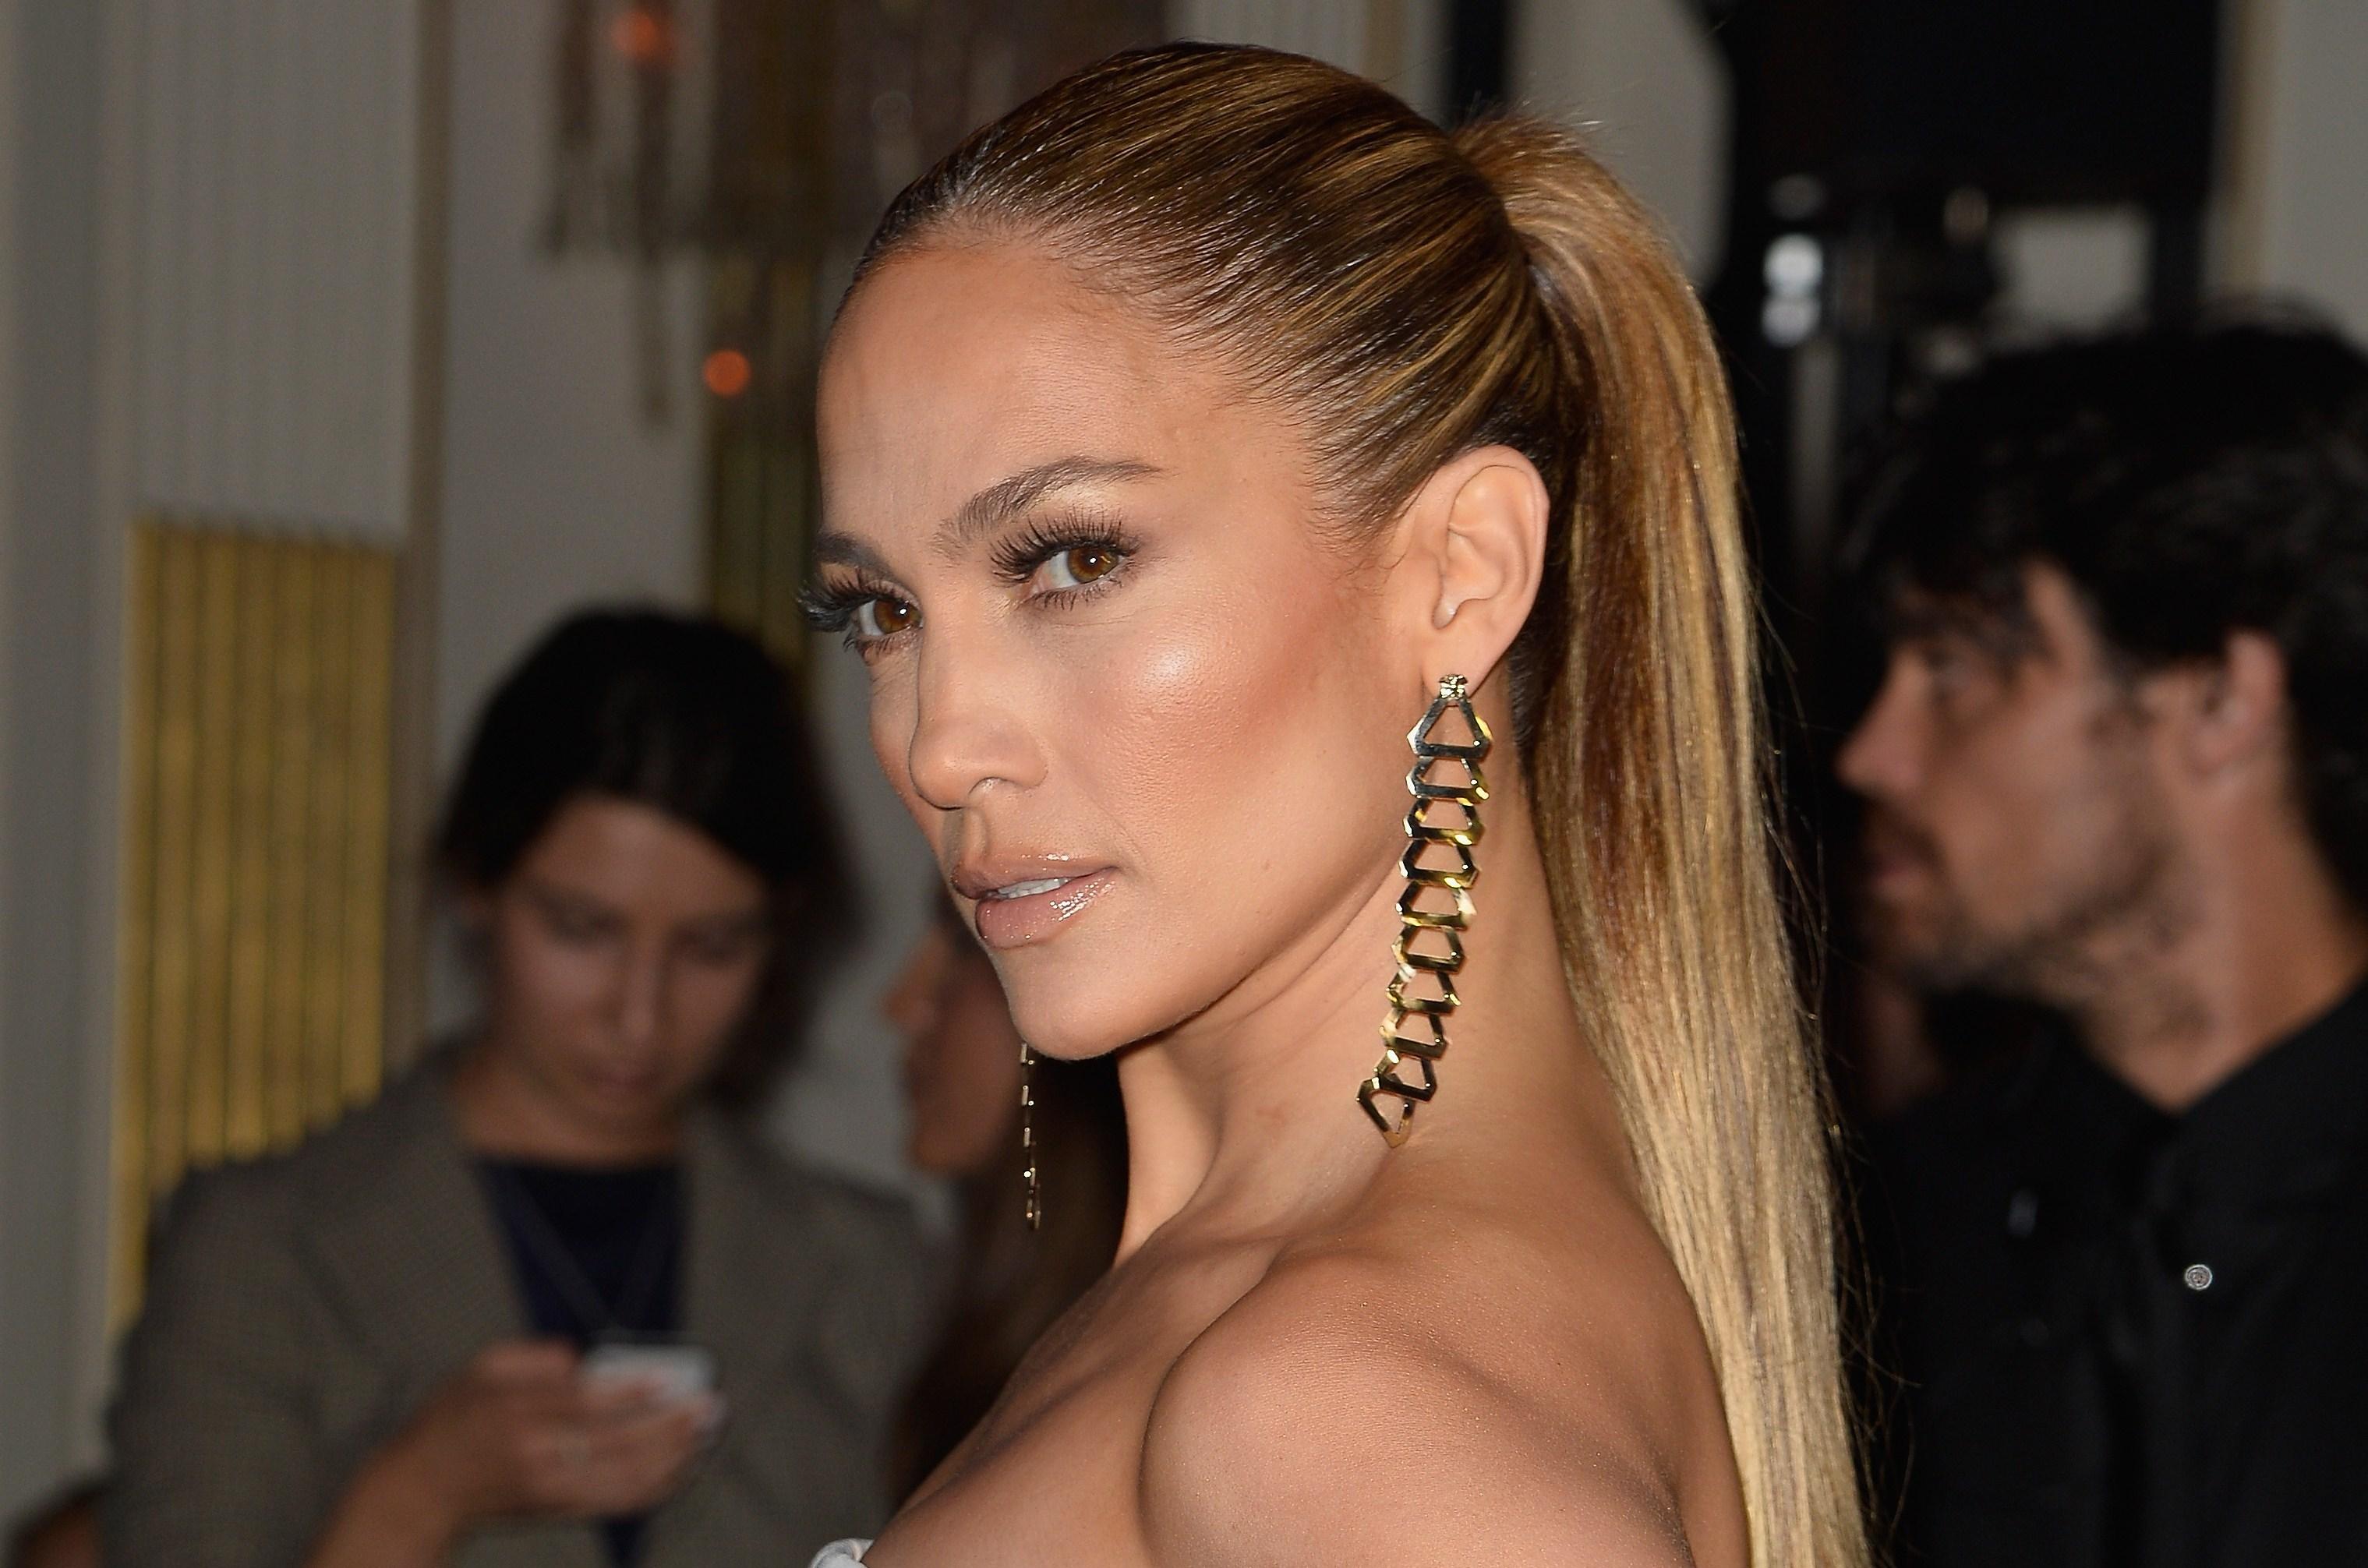 Copia il look di Jennifer Lopez con abiti ed accessori low cost (FOTO)